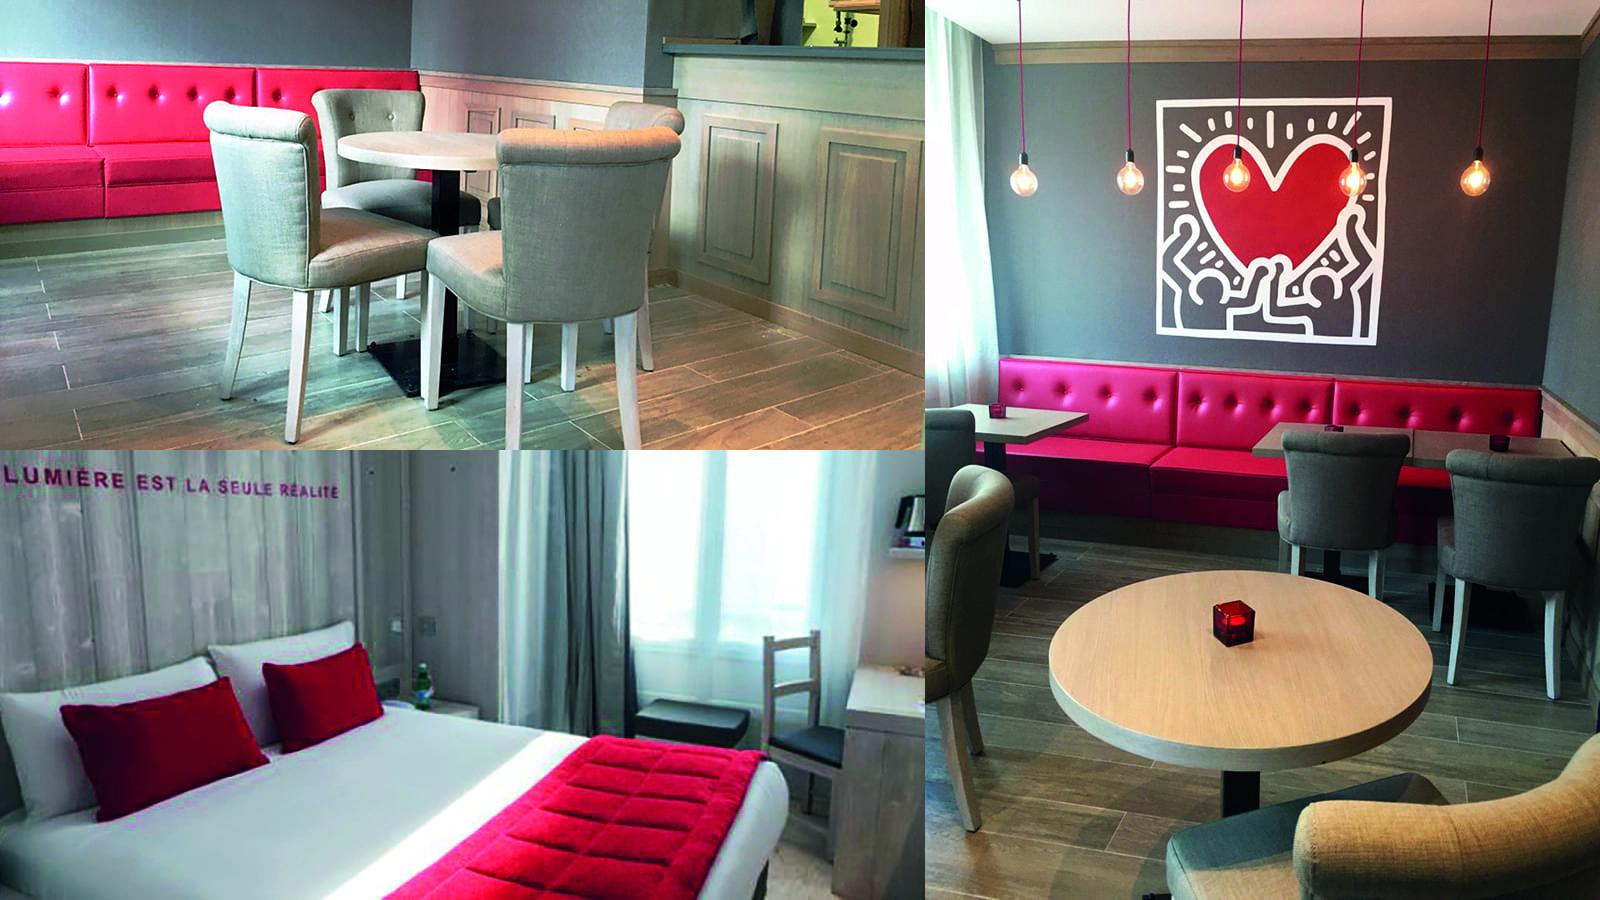 EFI Design Hotel Le 209 Paris Efi Design (9) 1189